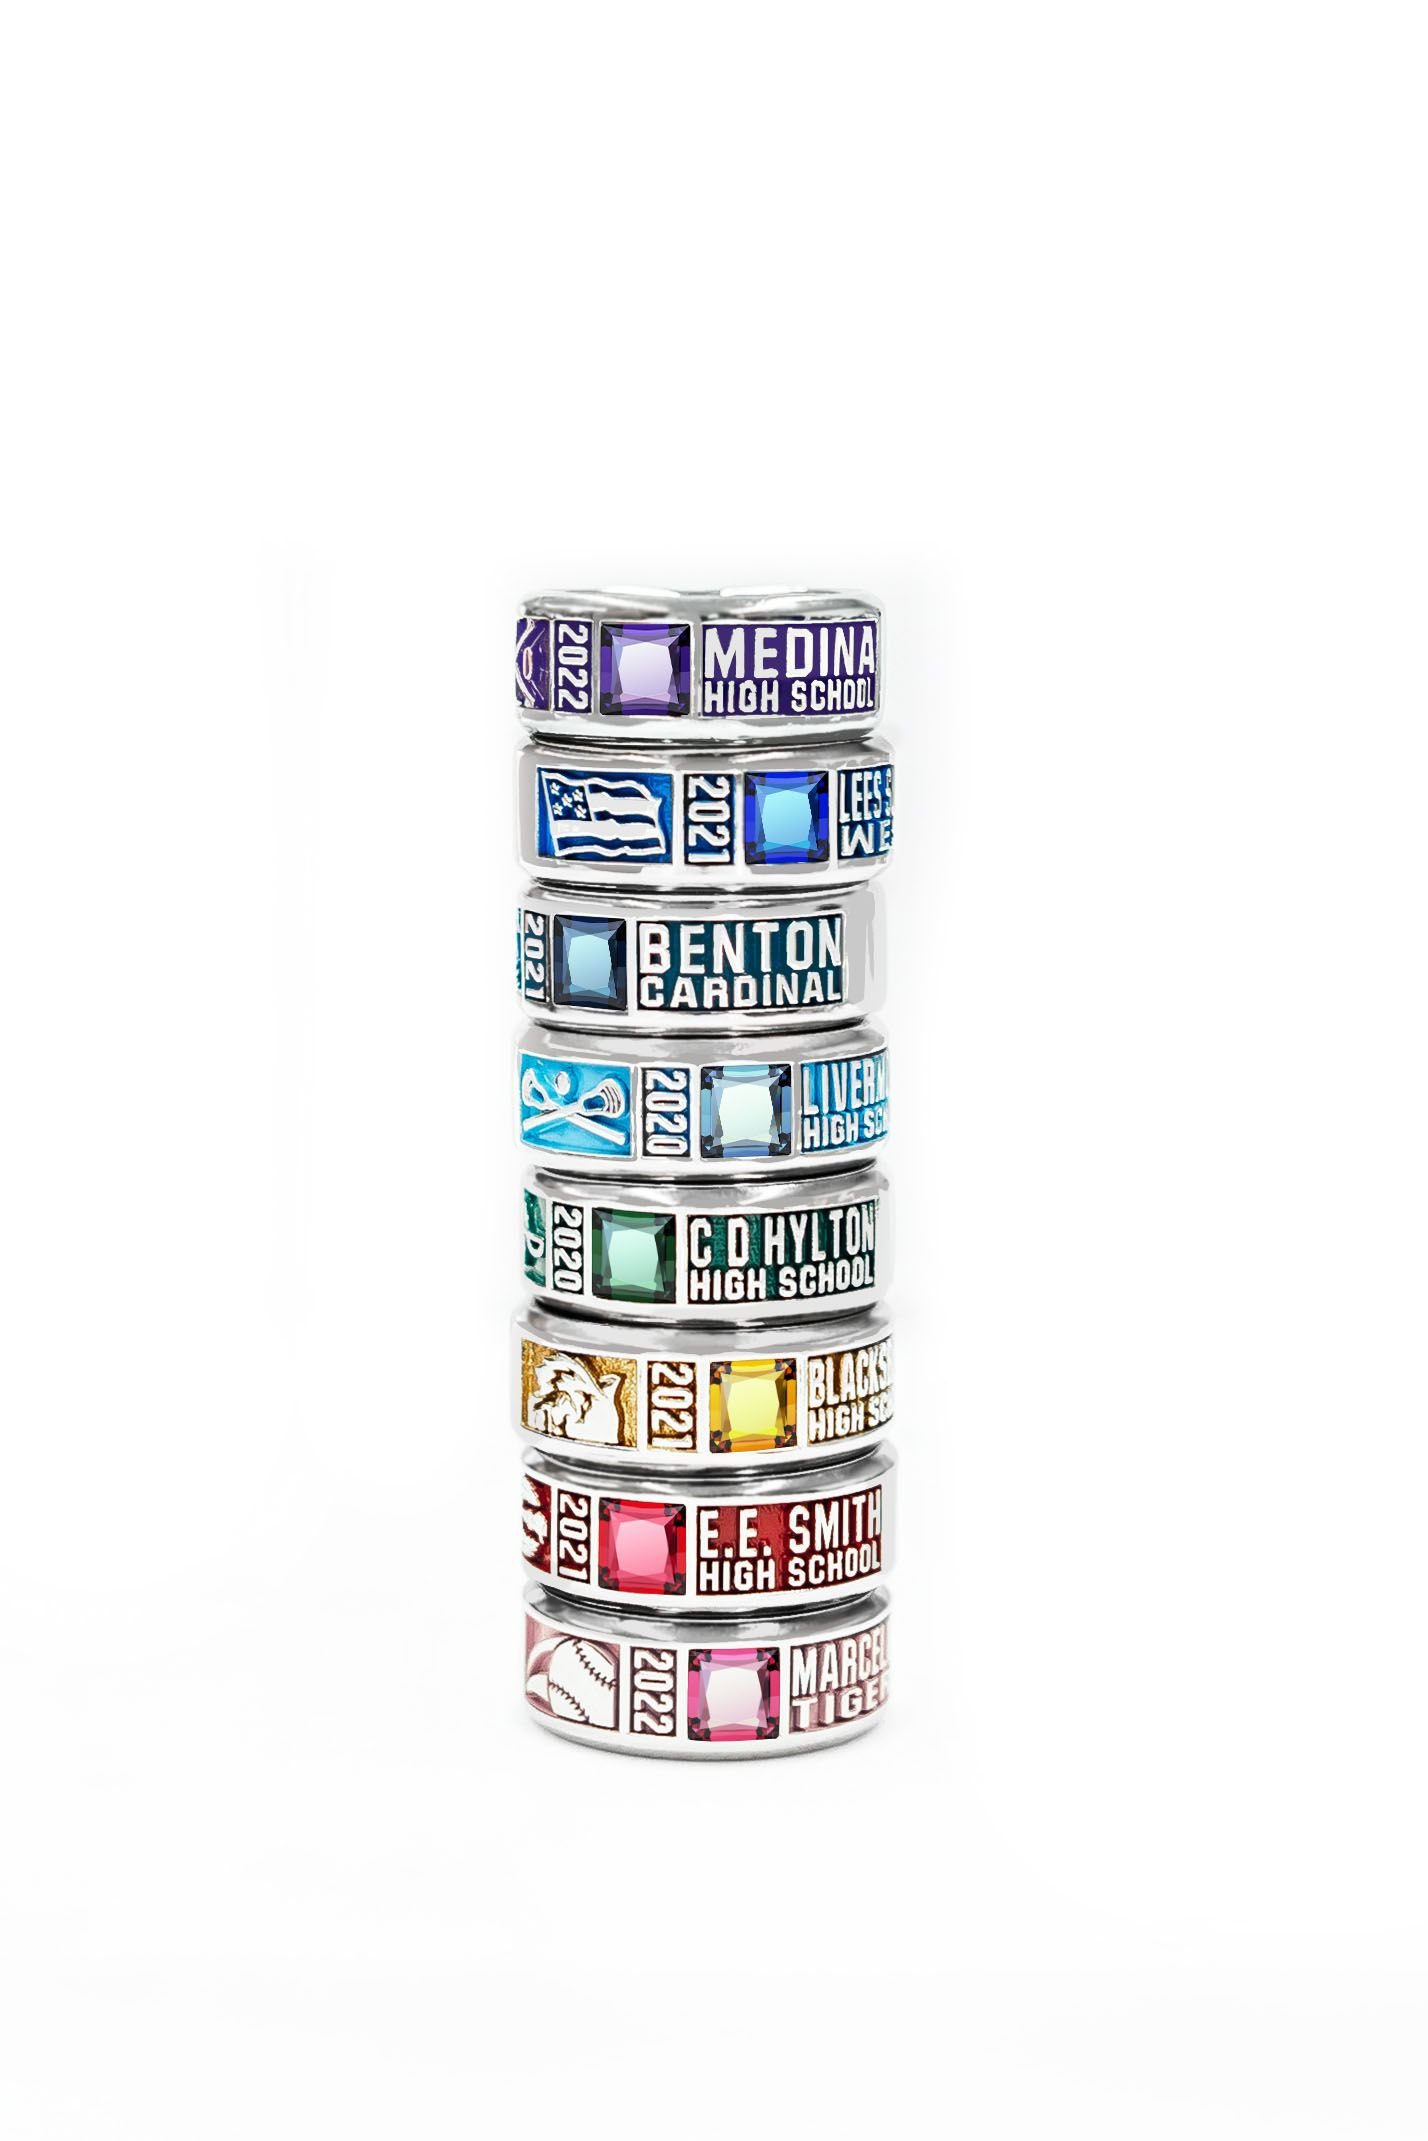 White Lustrium : white, lustrium, ChromaCast™, White, Lustrium, Customizable, Colorful, Unisex, Class, Jostens, Rings, School,